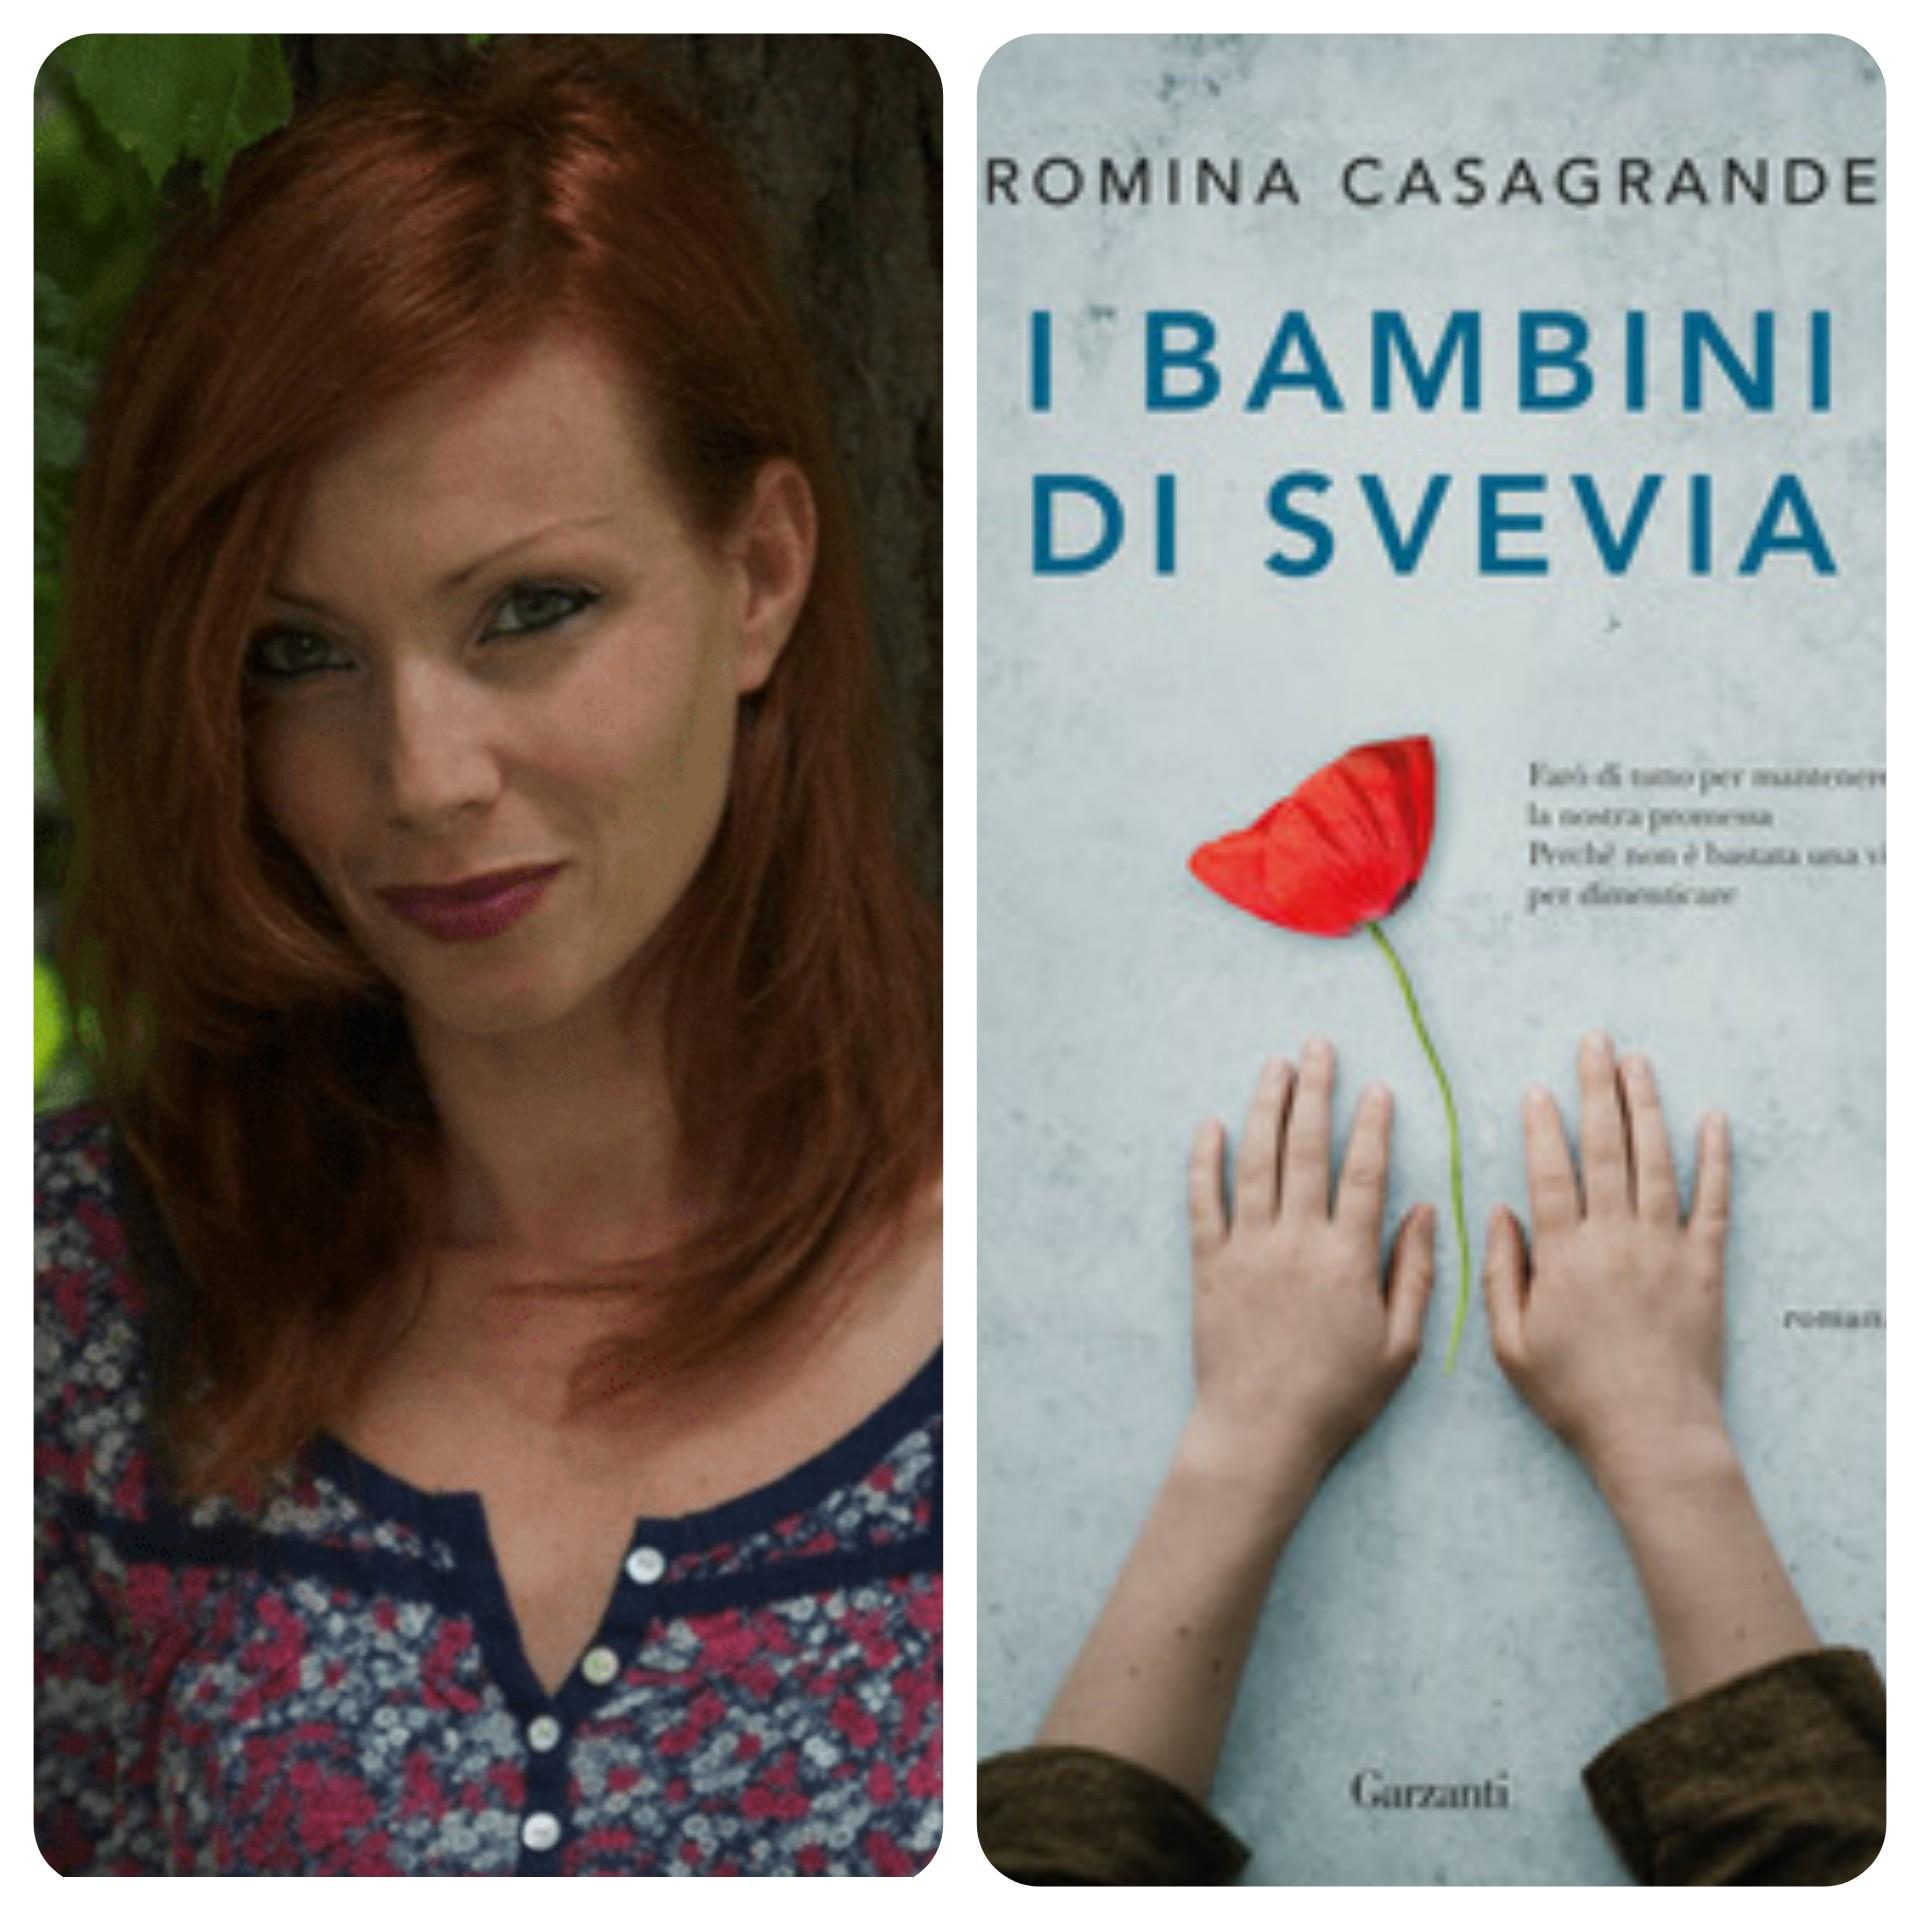 """""""Ve lo legge lo scrittore"""" stasera ospite del Blog : Romina Casagrande autrice del romanzo """"I bambini di Svevia"""" edito da Garzanti"""